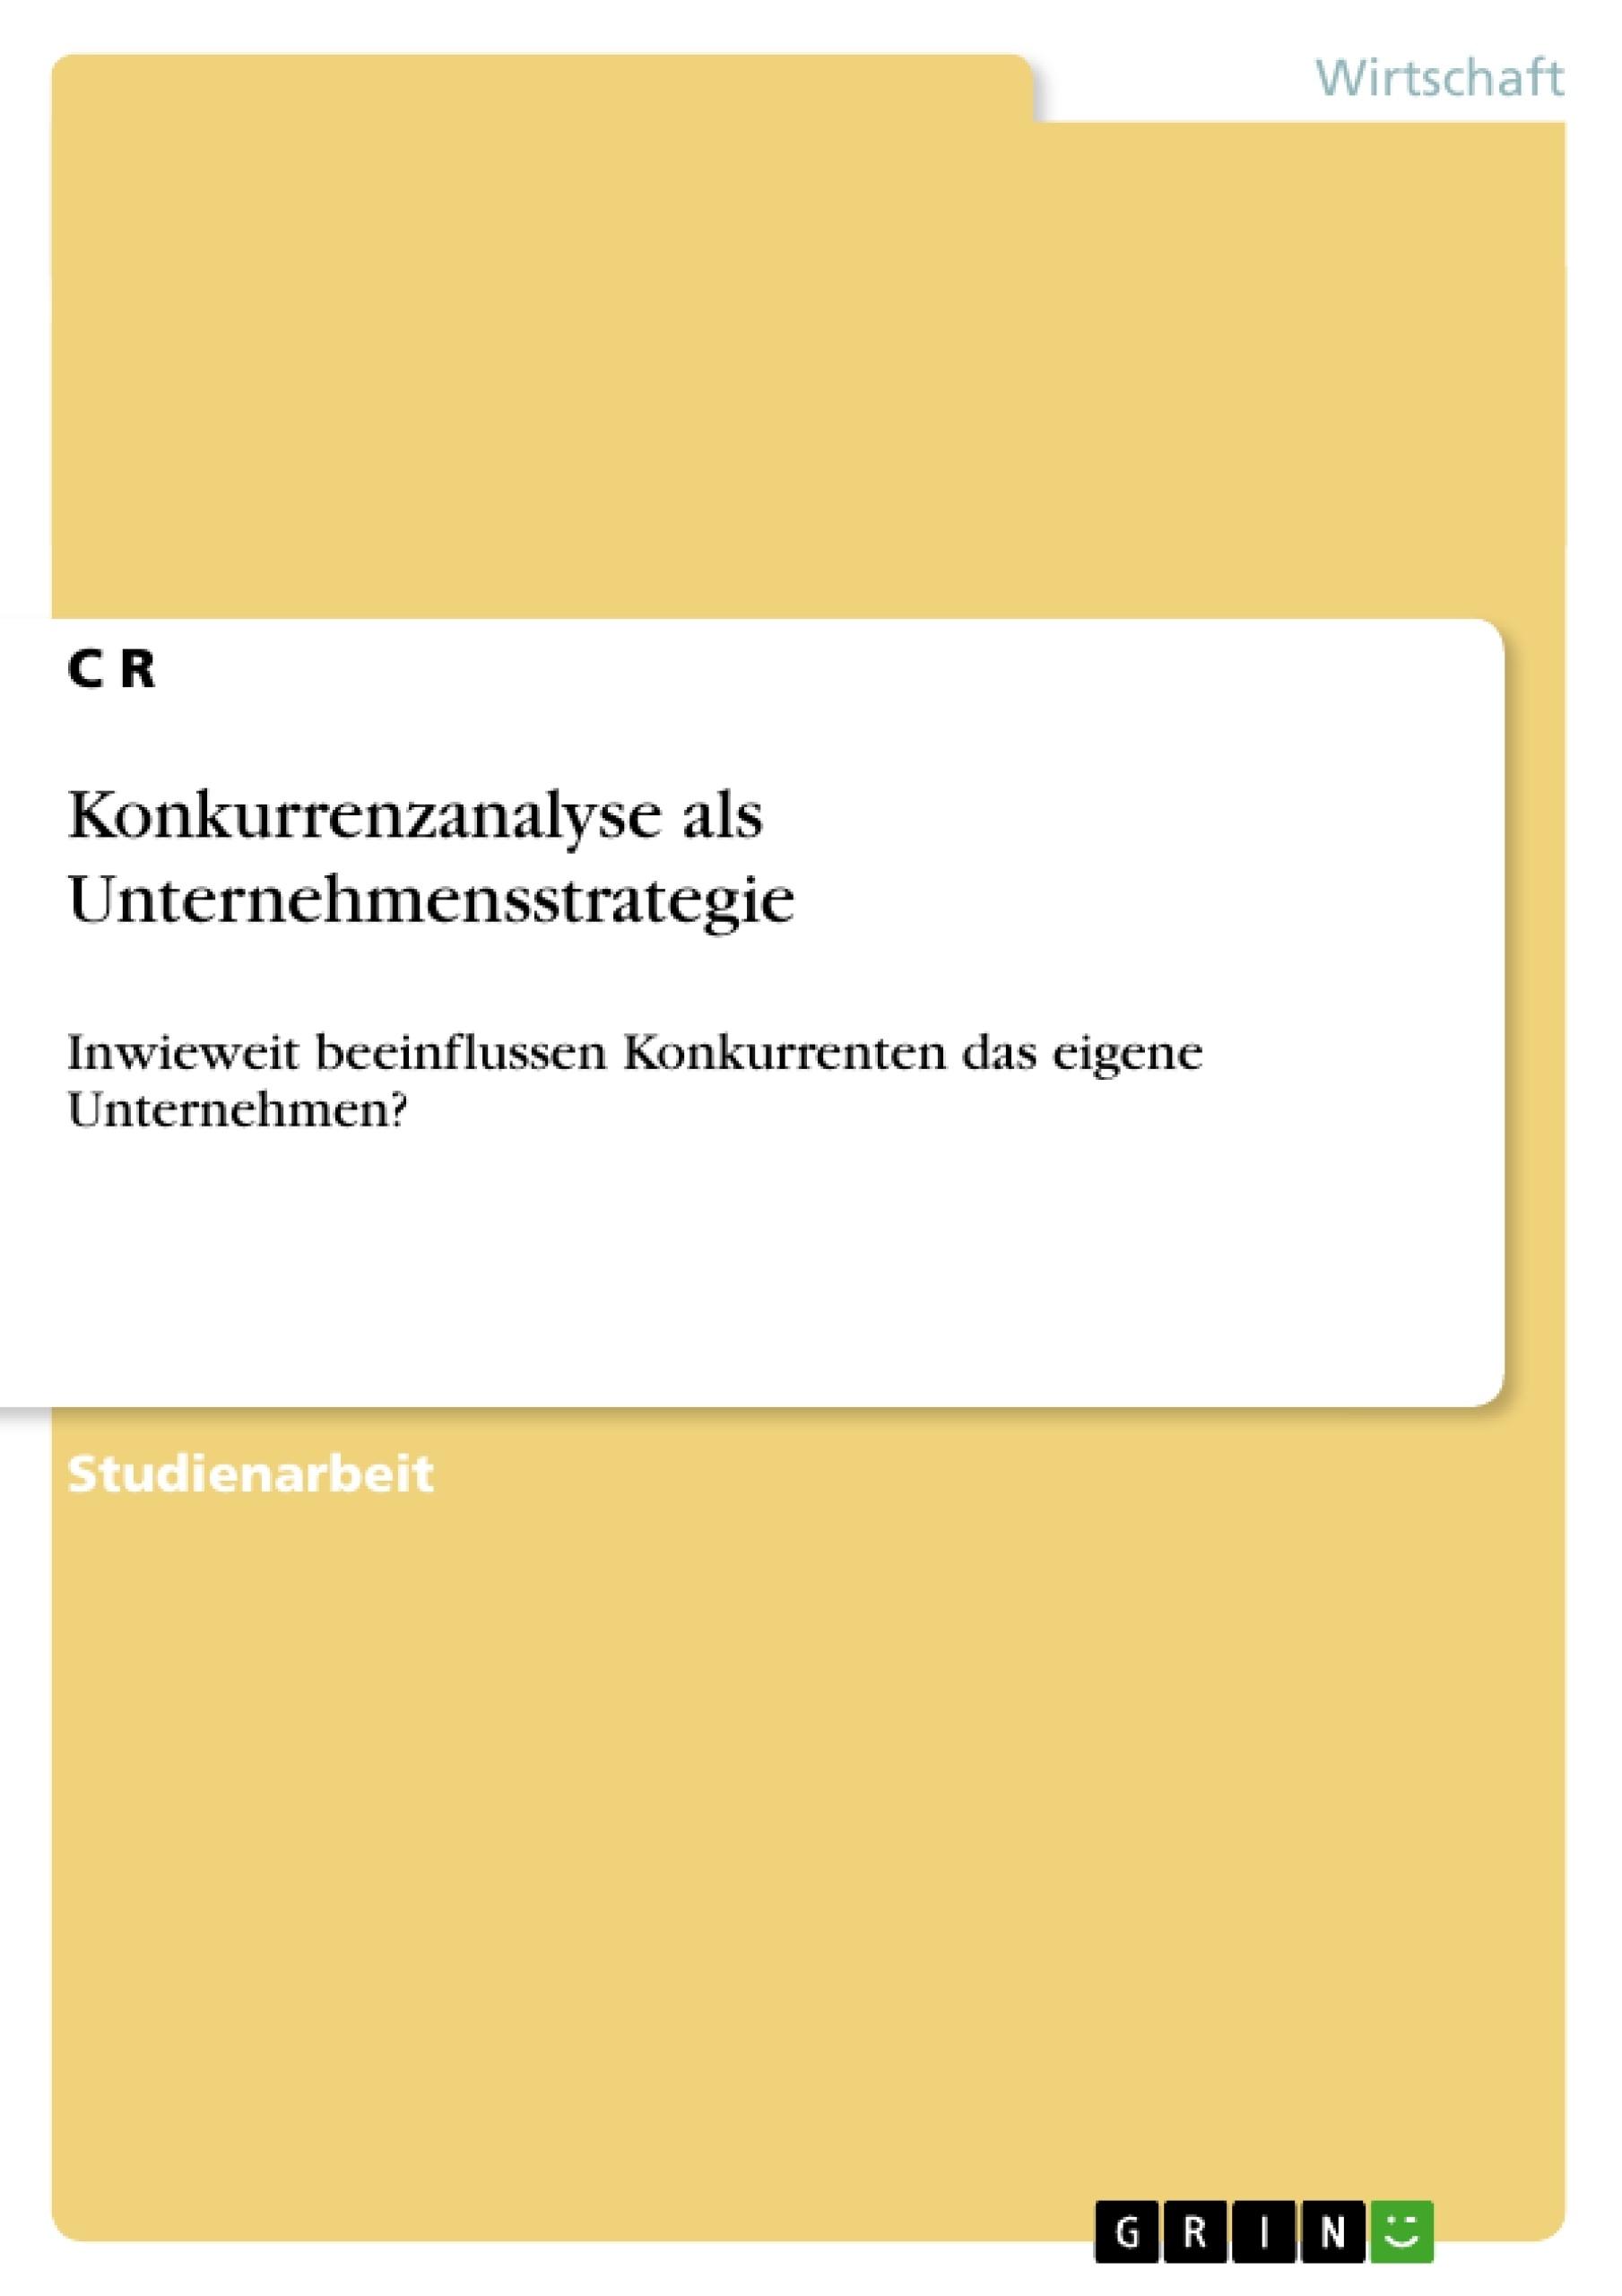 Titel: Konkurrenzanalyse als Unternehmensstrategie